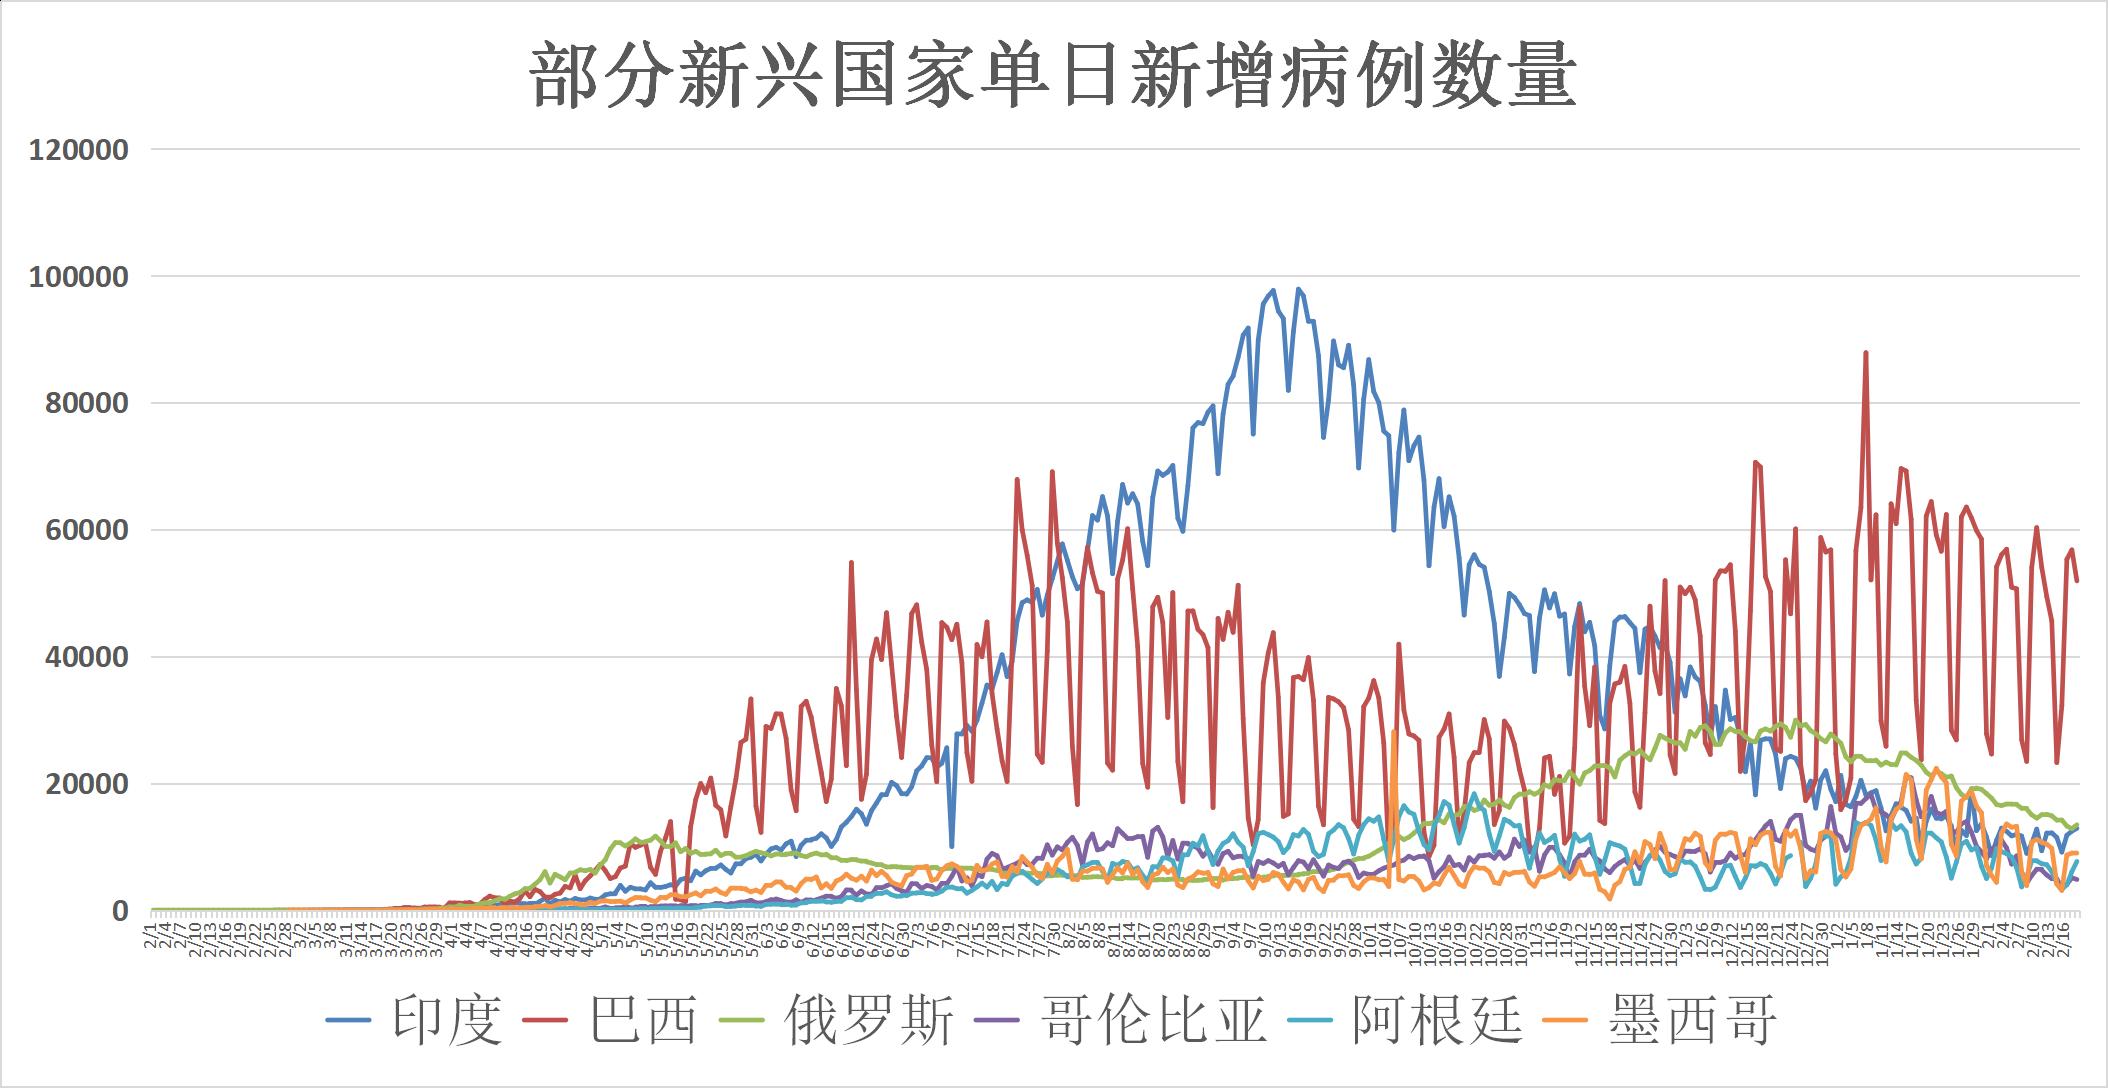 全球疫情动态【2月19日】:死亡人数突破244万 首批科兴新冠疫苗运抵香港